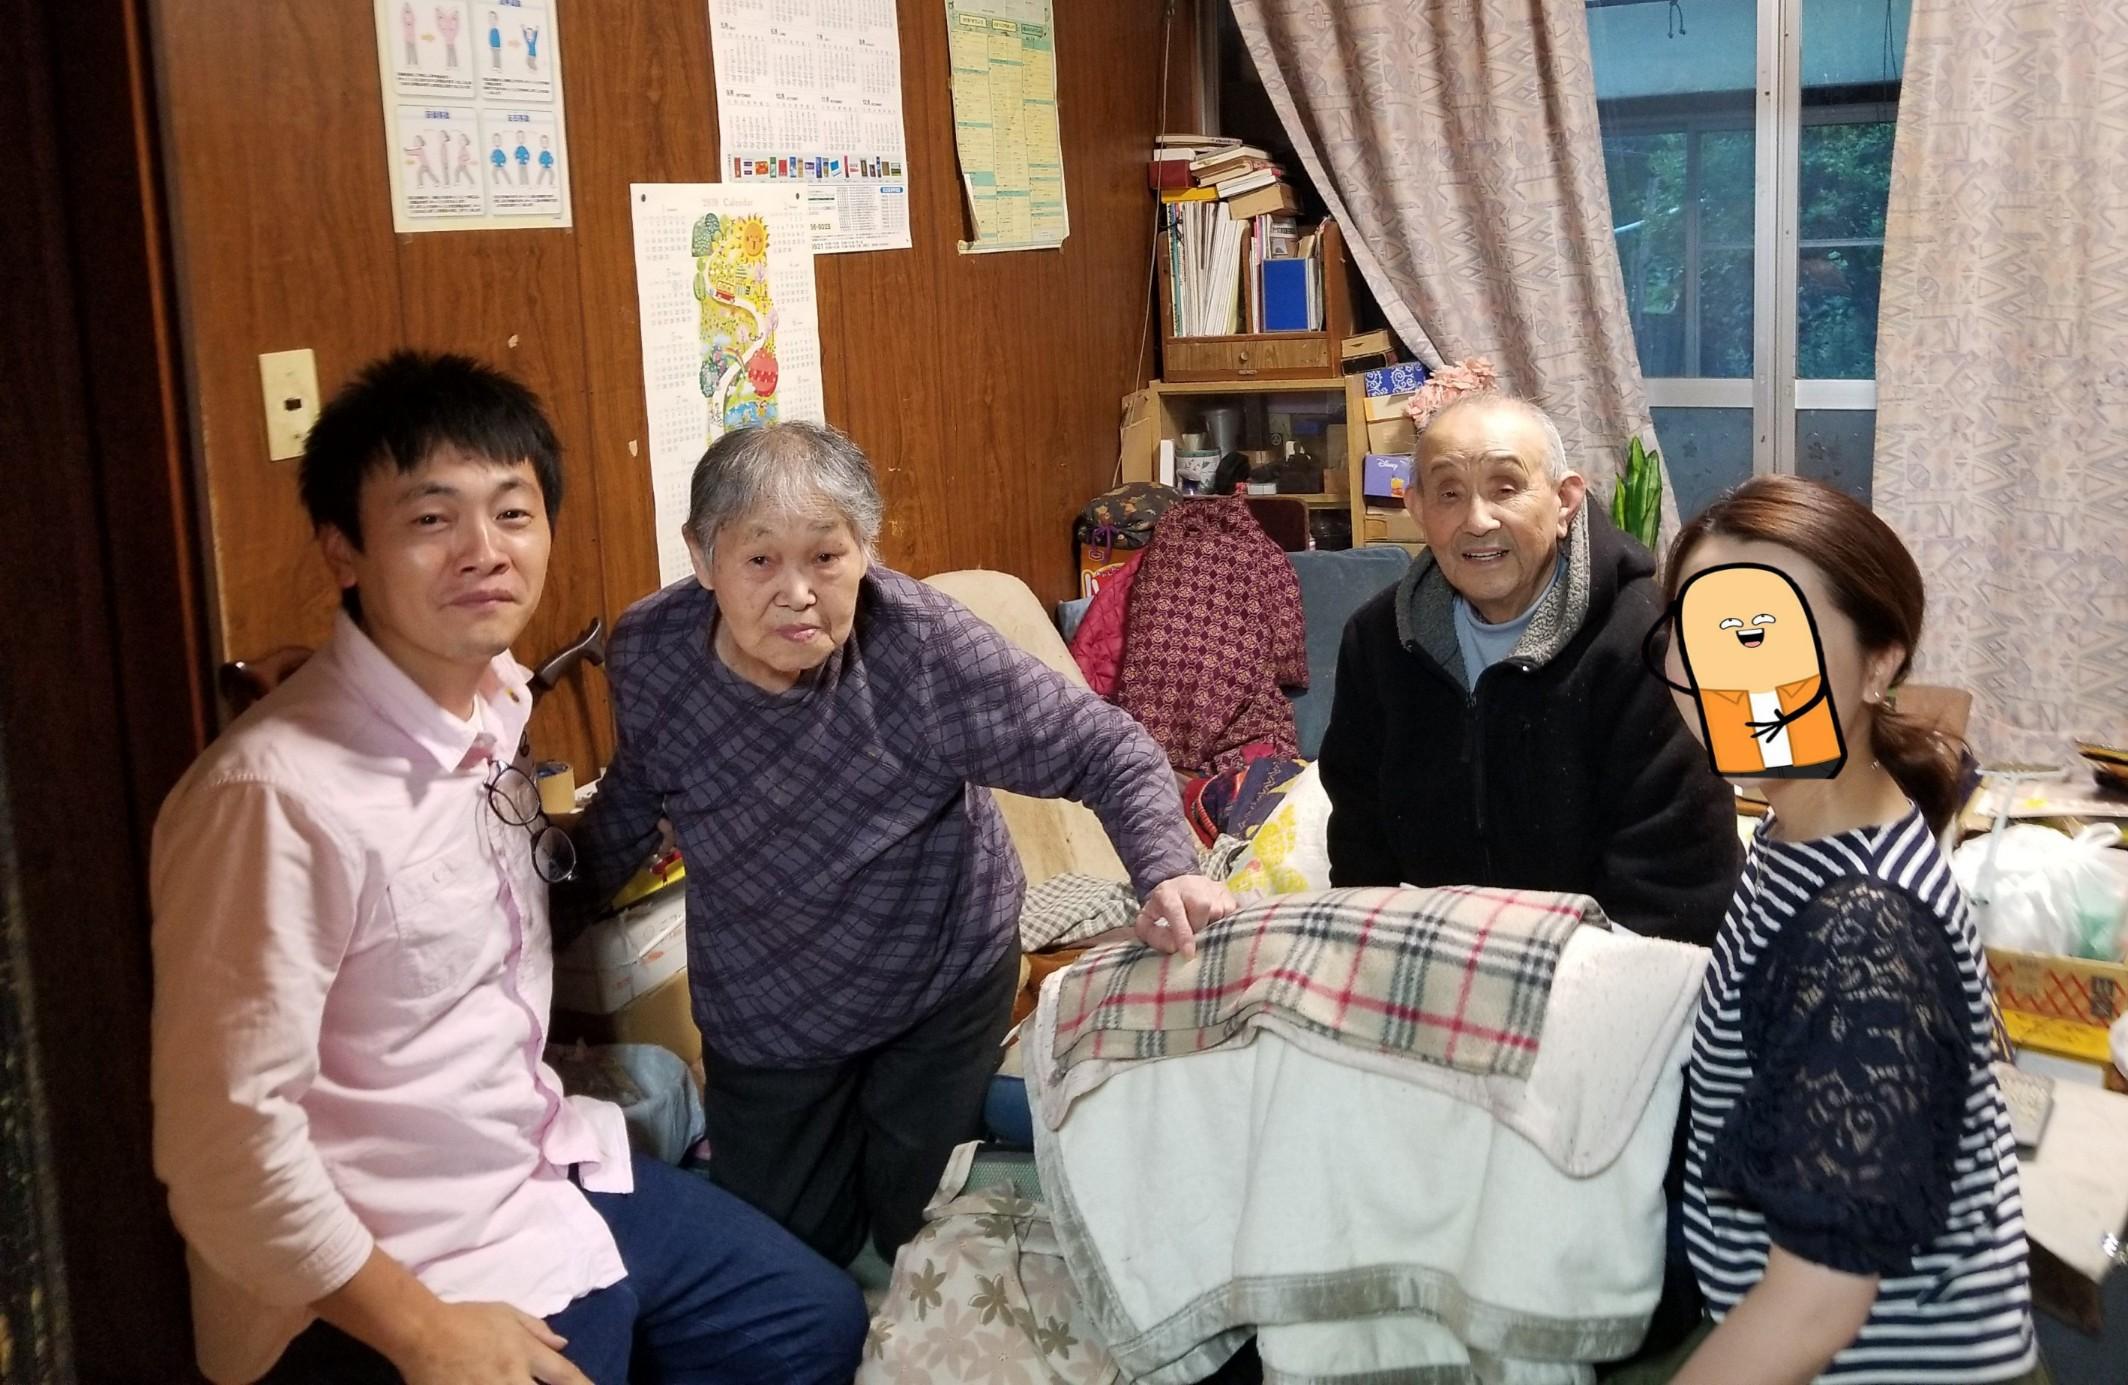 95歳のじいちゃんと93歳のばあちゃん